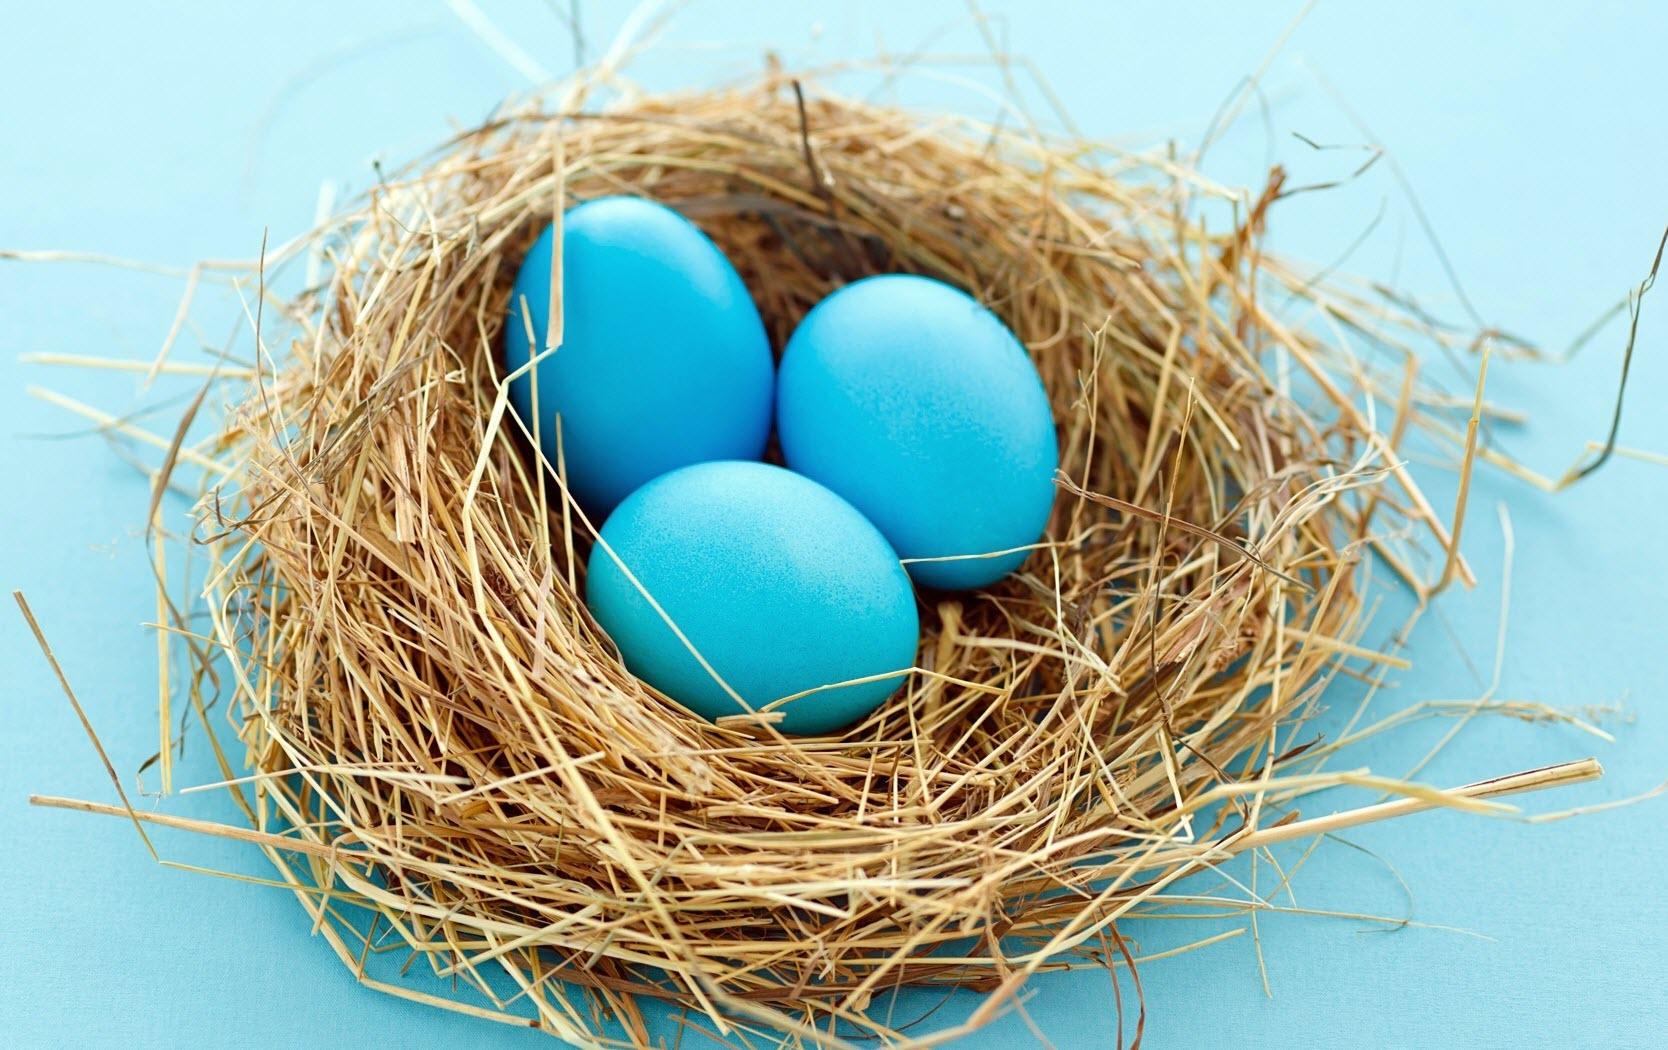 Mavi Yumurta - Türkiye